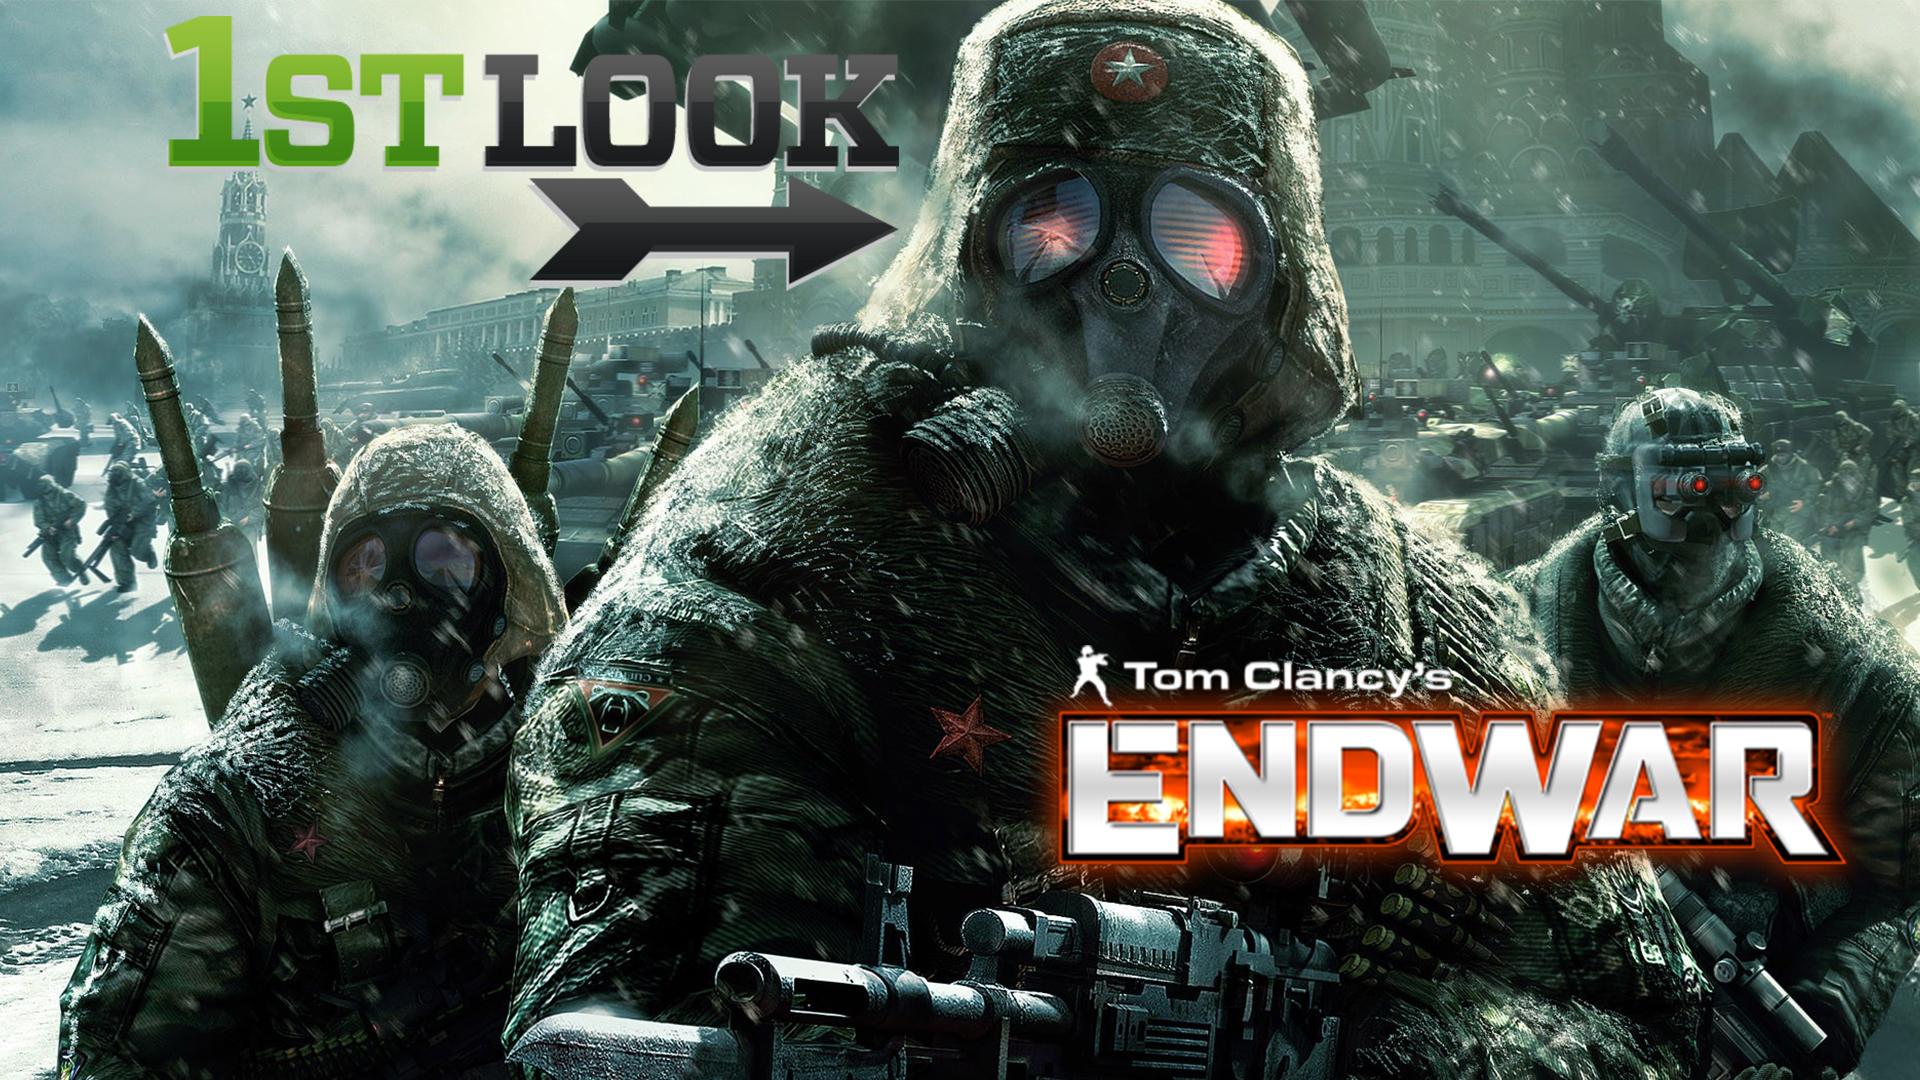 Tom Clancy's EndWar Online - First Look